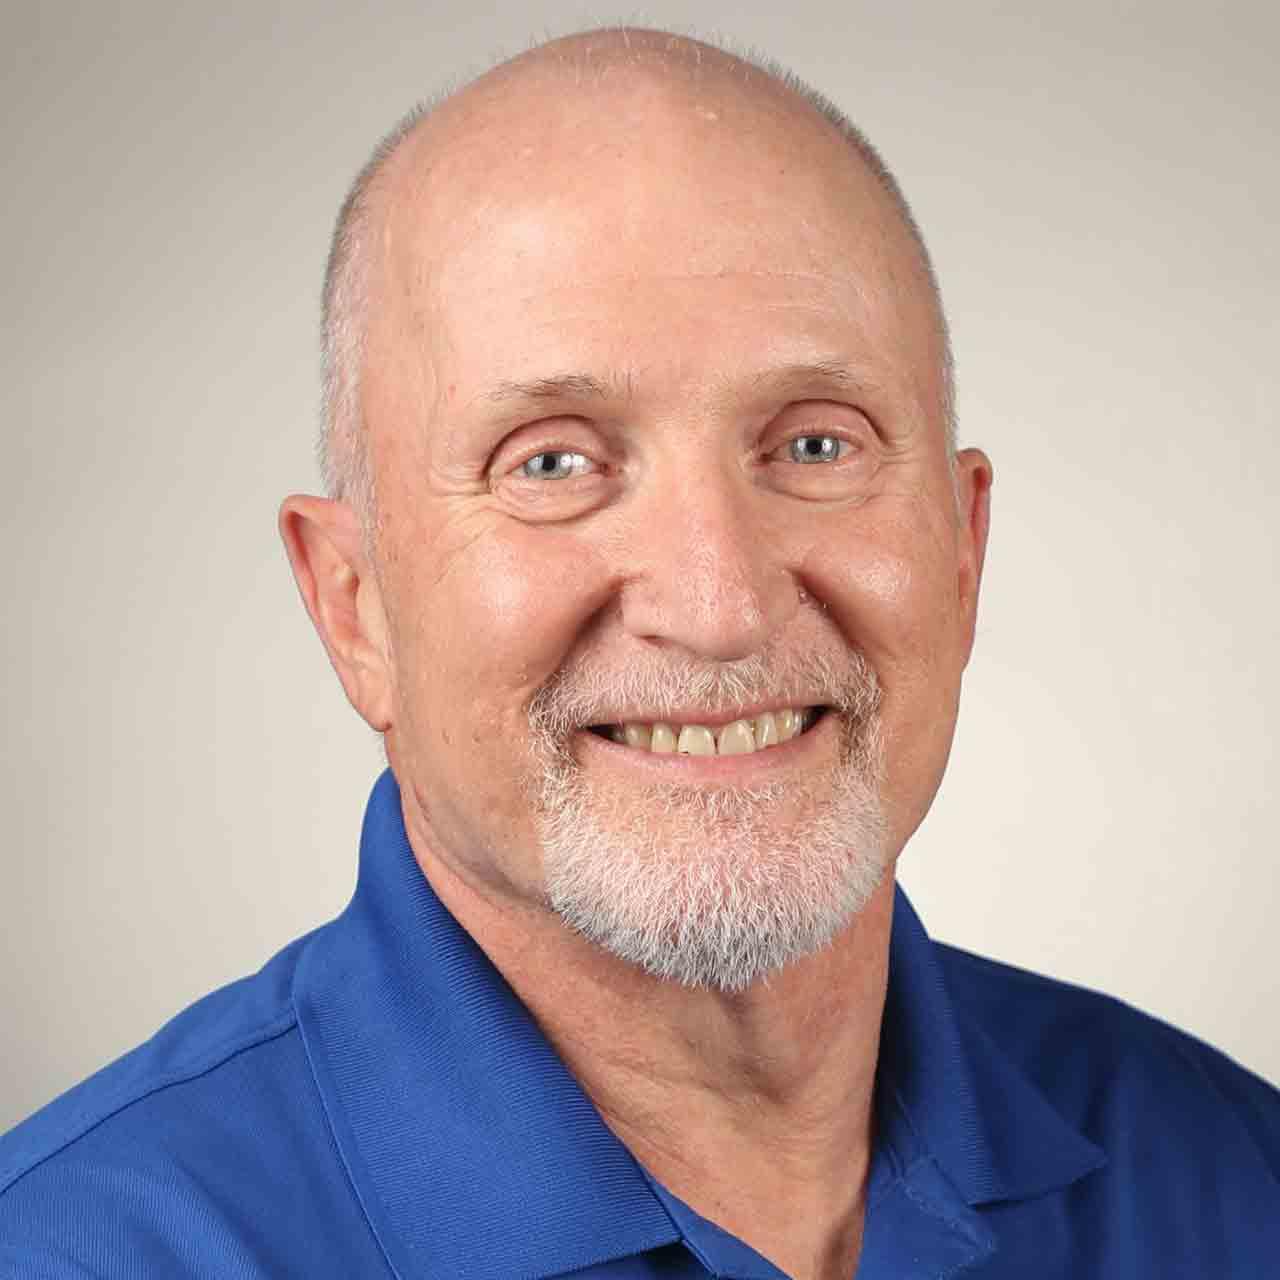 Richard C. Landis